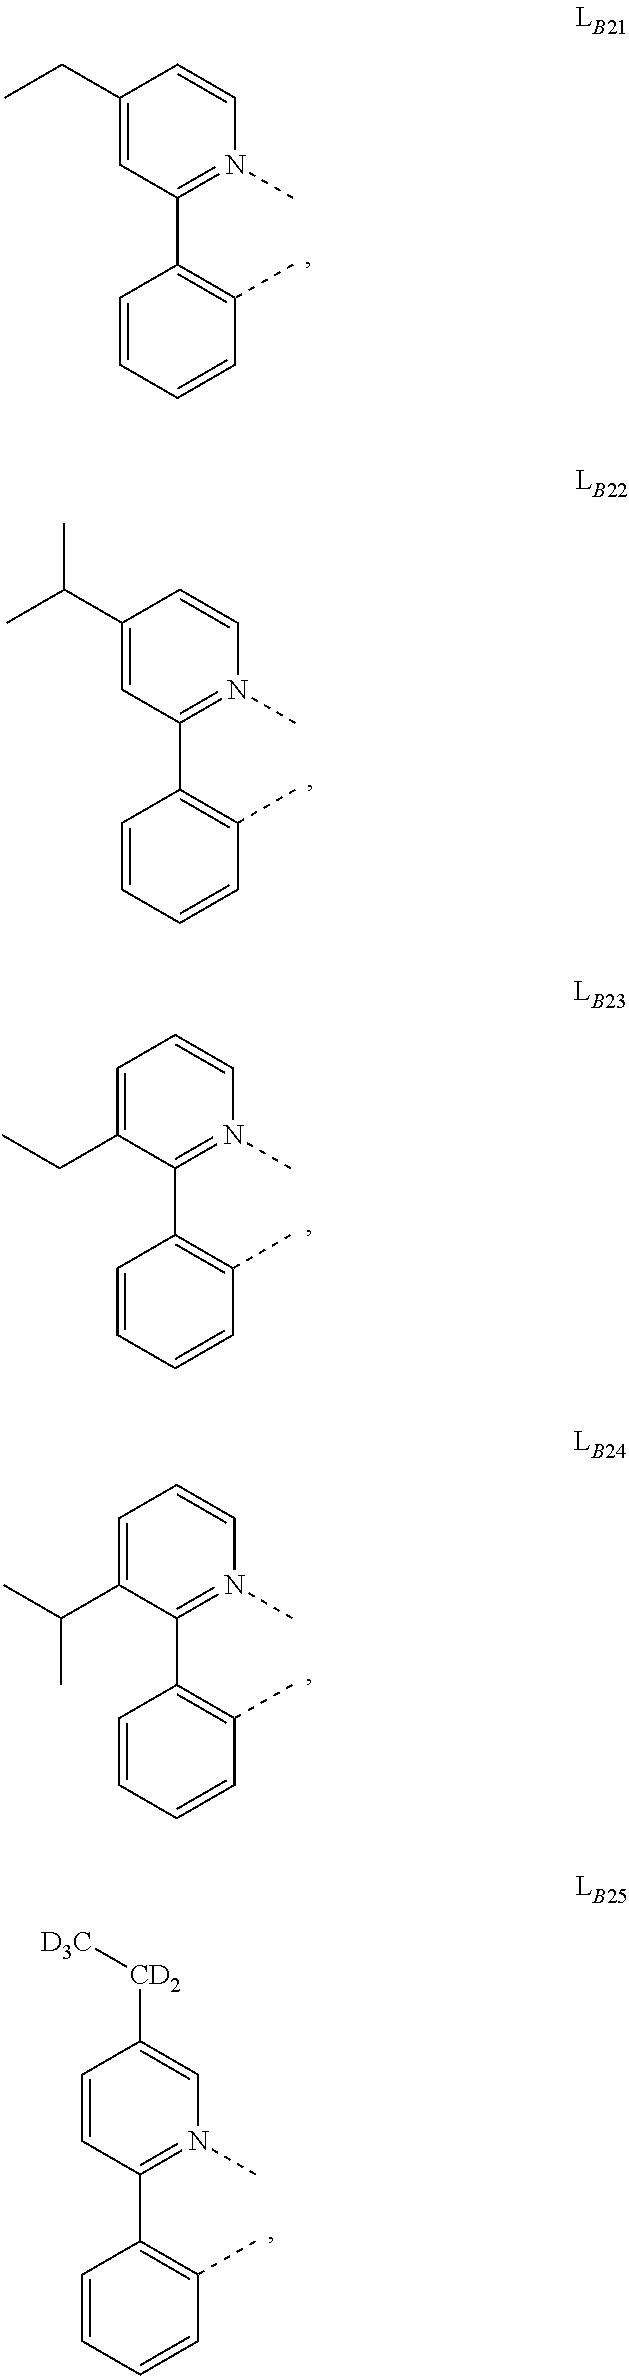 Figure US09691993-20170627-C00050